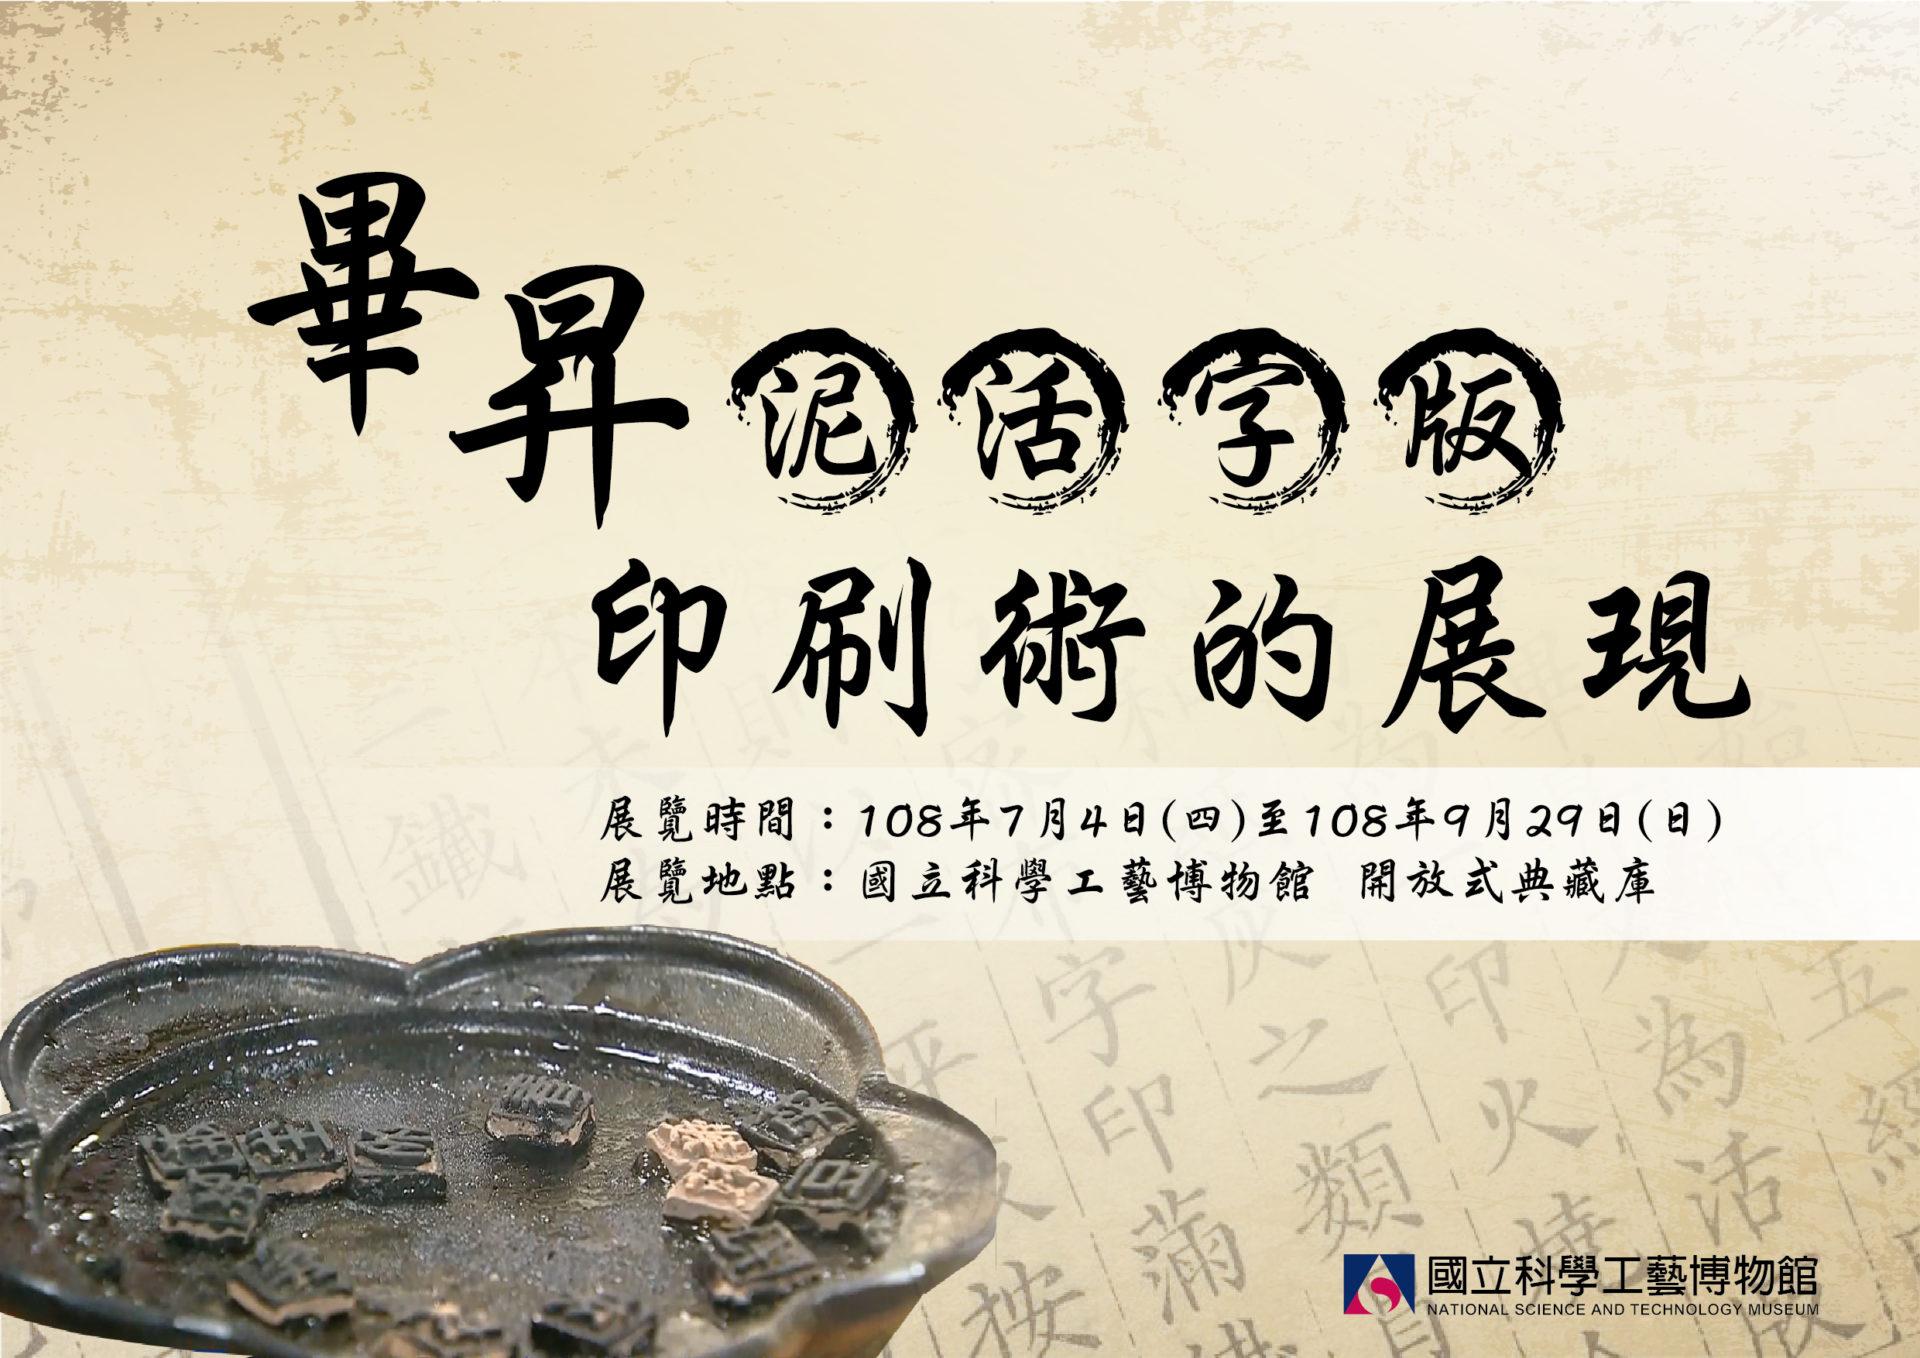 國立科學工藝博物館:2019/07/04-2019/09/29【活版印刷展覽宣傳】